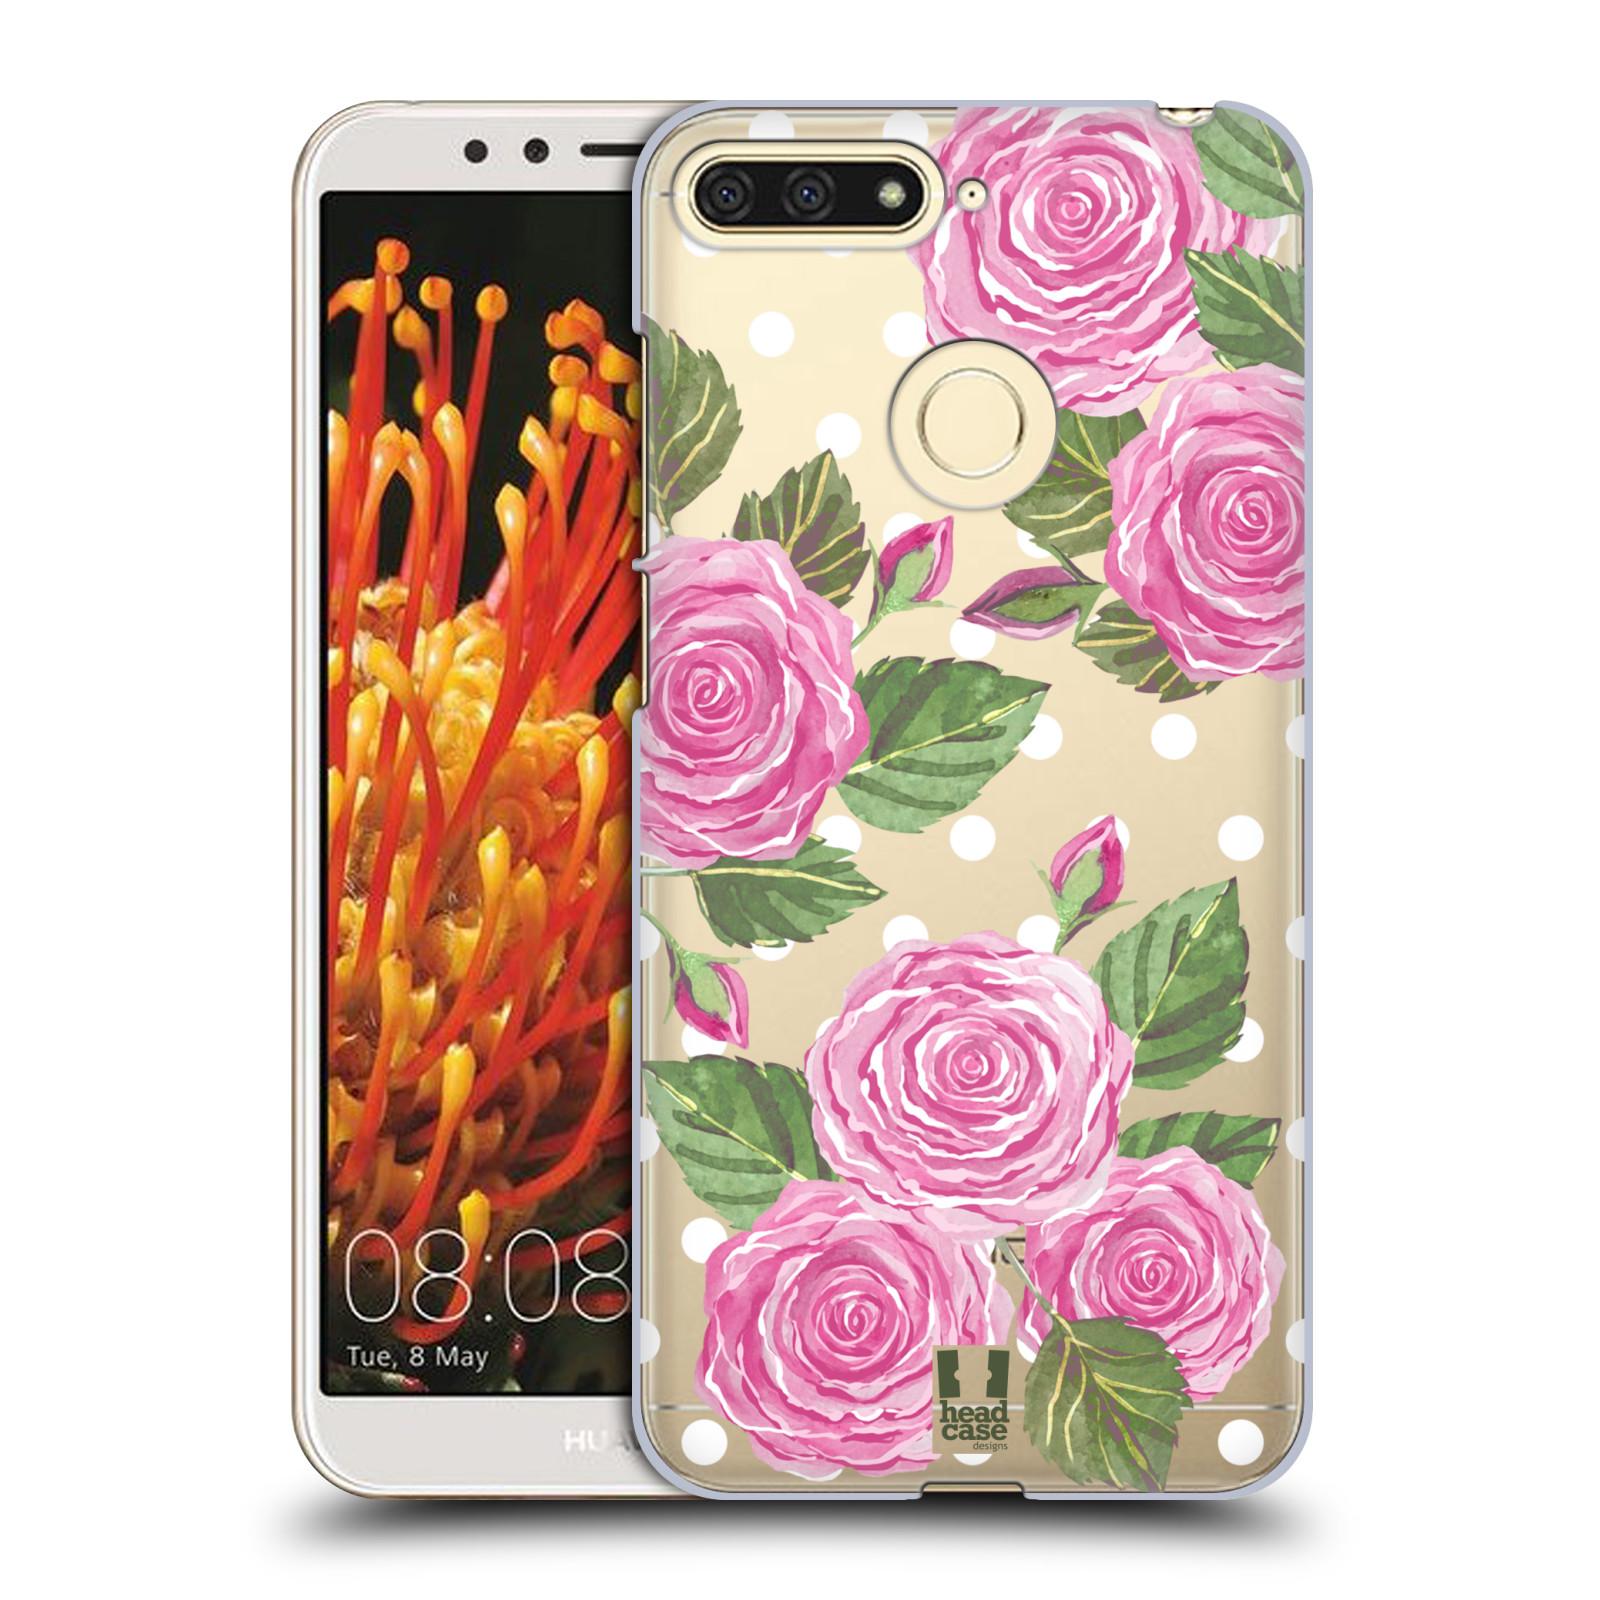 Plastové pouzdro na mobil Huawei Y6 Prime 2018 - Head Case - Hezoučké růžičky - průhledné